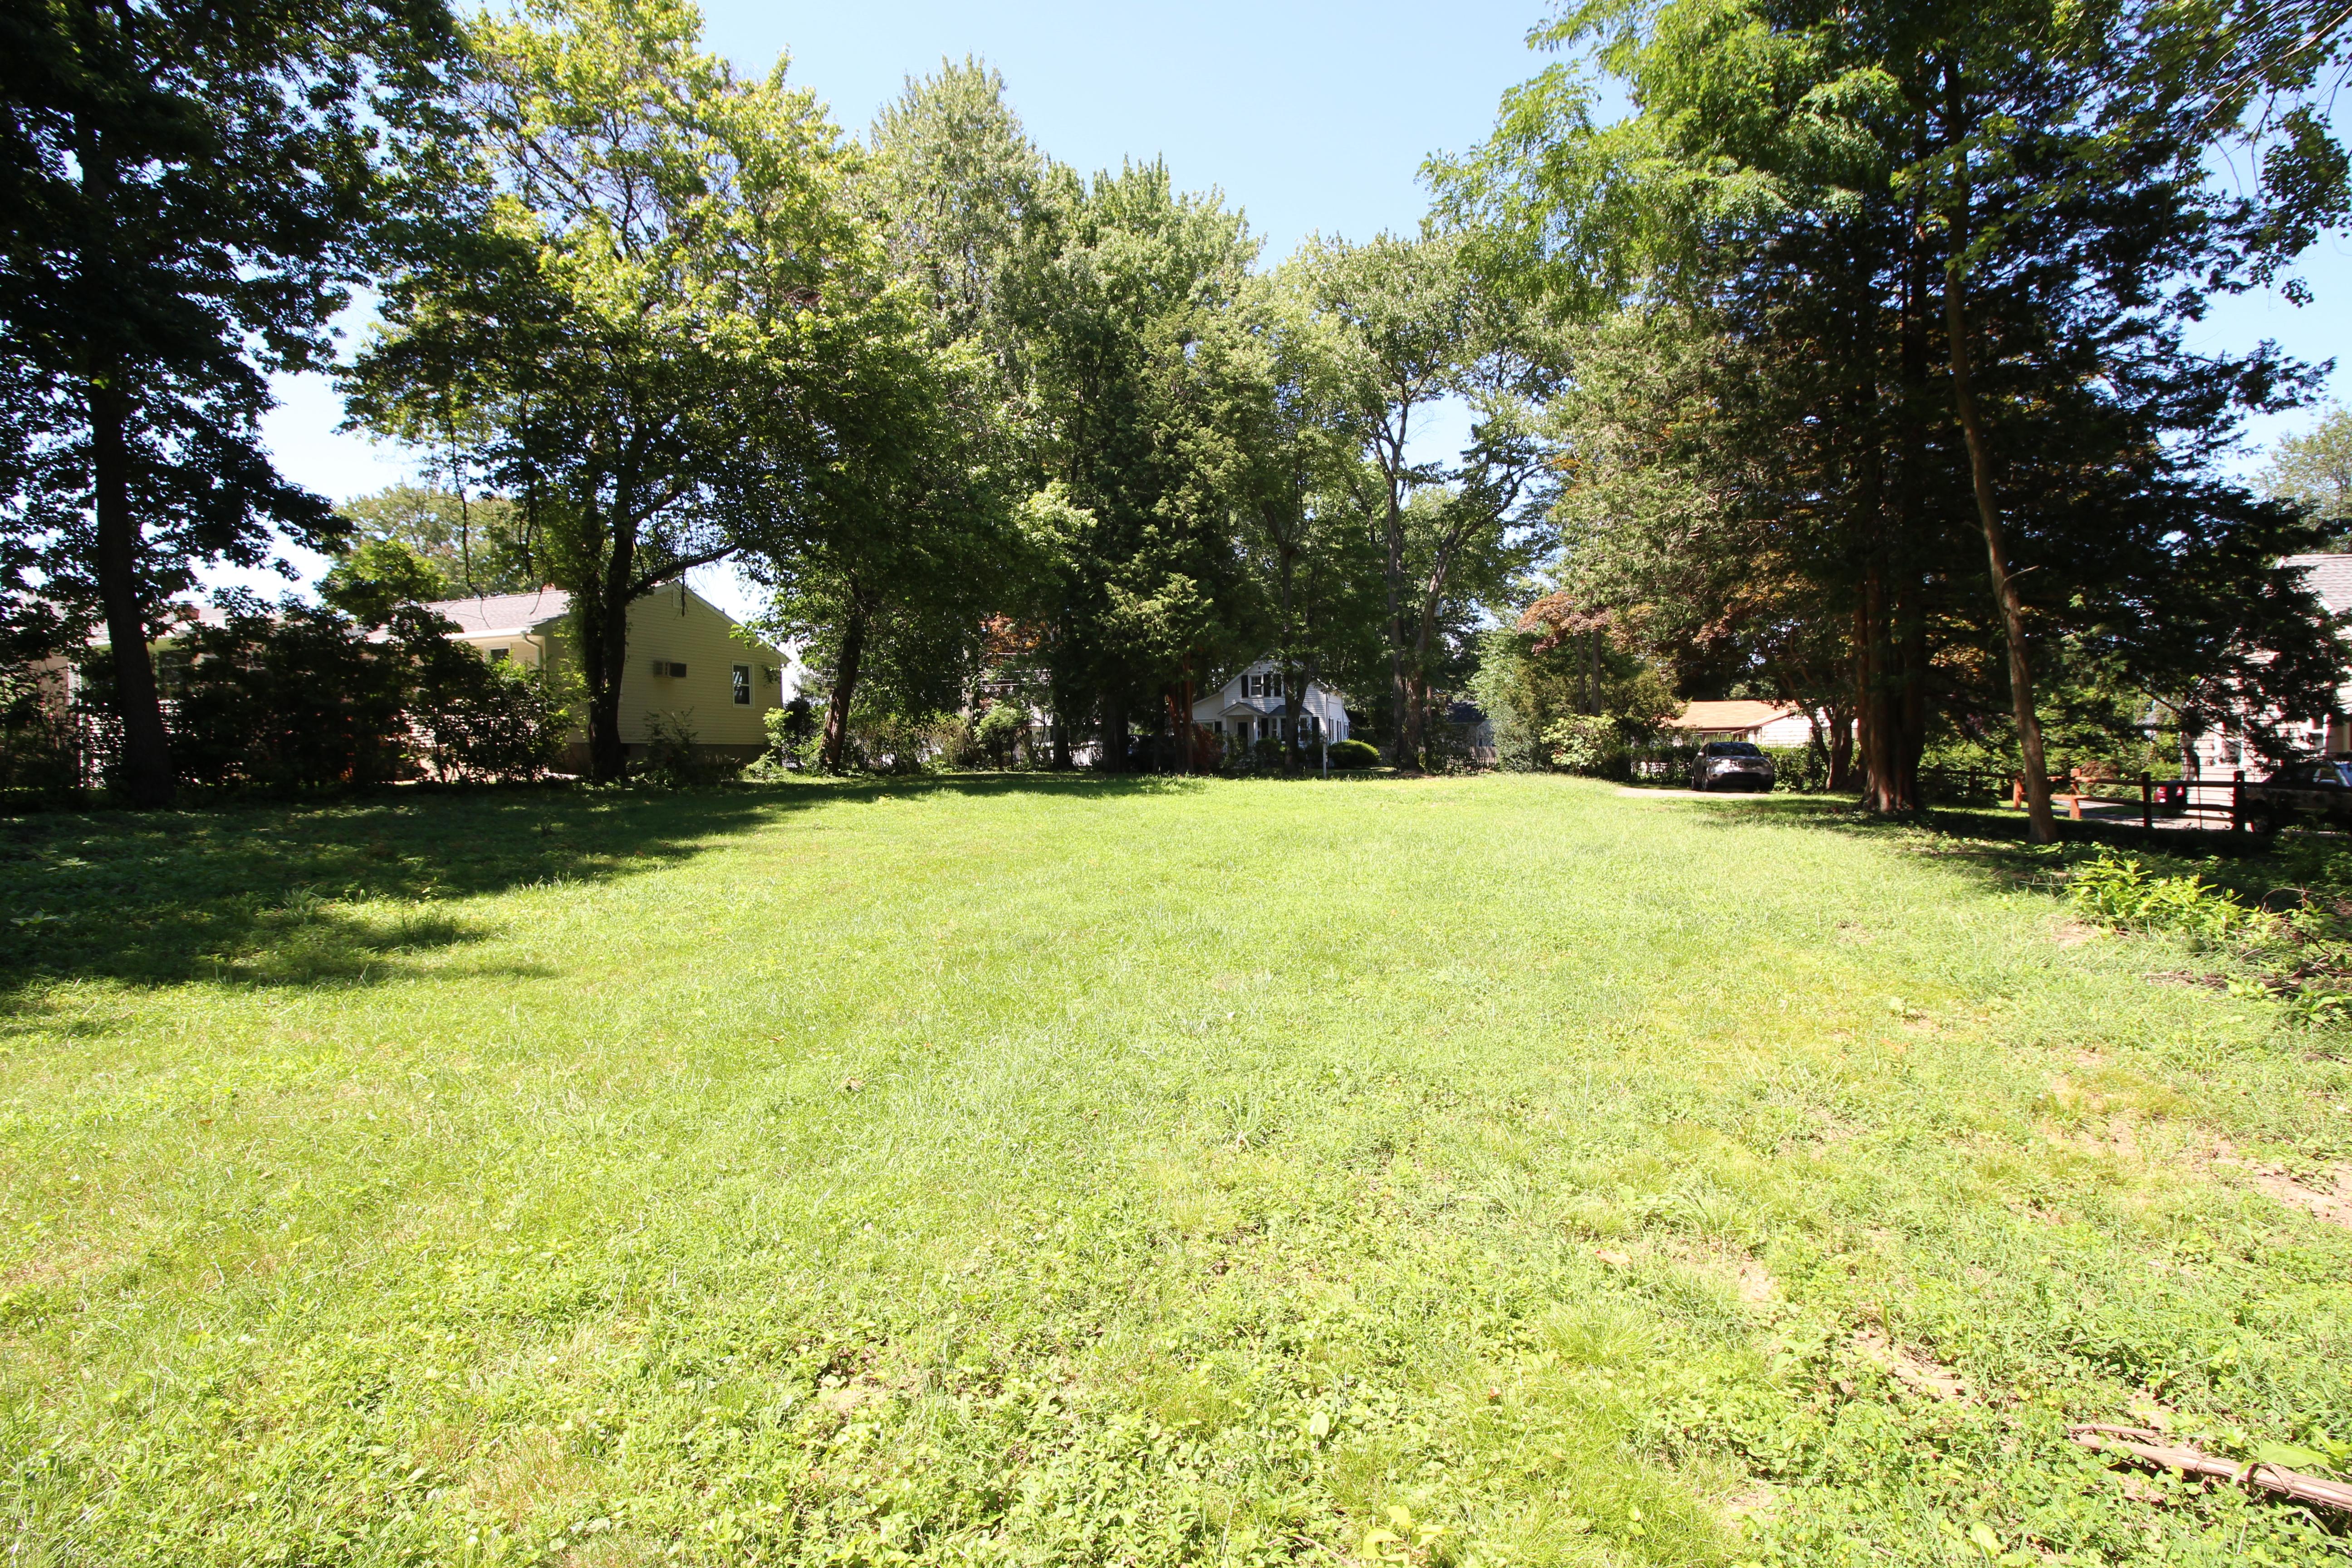 Terrain pour l Vente à Improved and Approved Building Lot 31 Nolan Street Ext - Lot B Norwalk, Connecticut, 06850 États-Unis